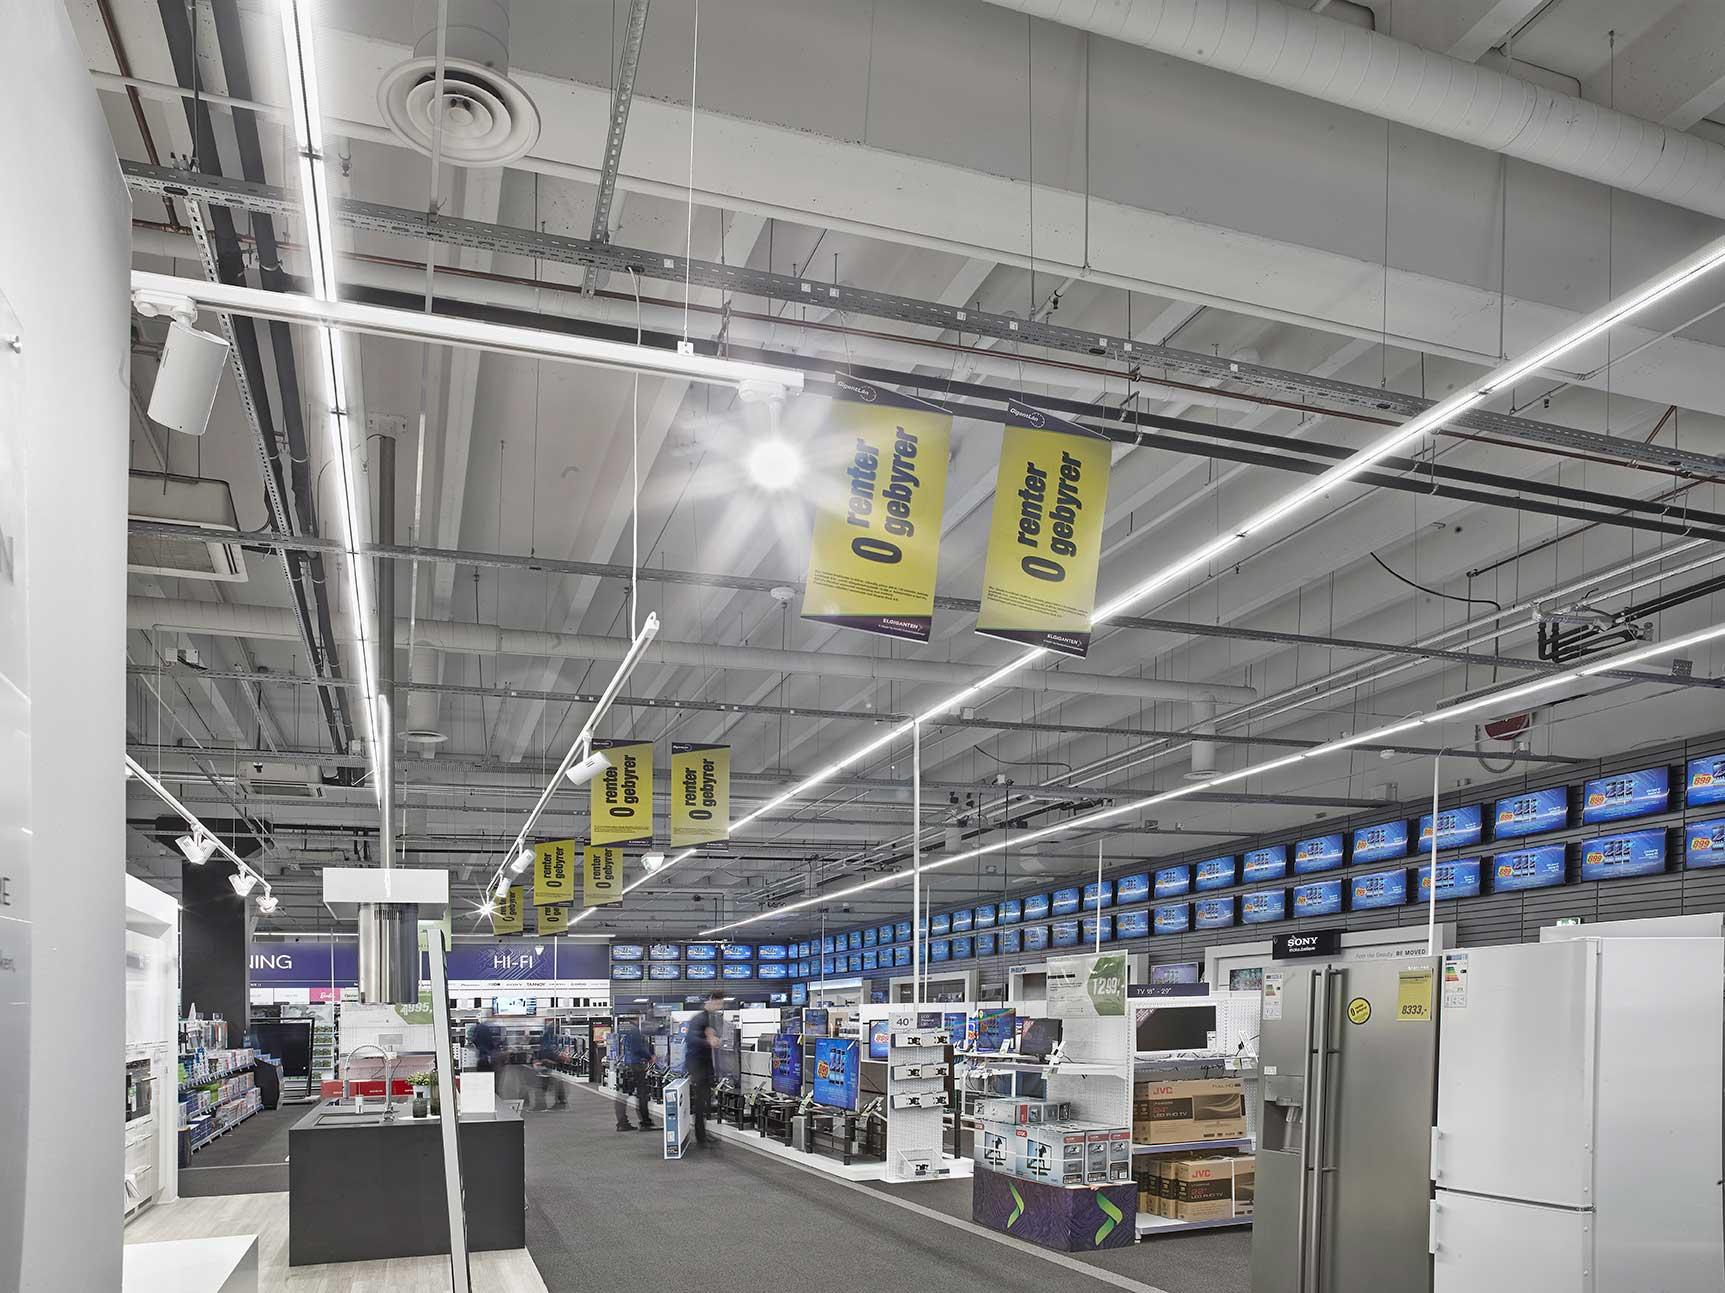 Linia 7 polet FP monteret i skinnesystem på tværs af butikken, giver et veloplyst rum uden mørke områder - Luminex